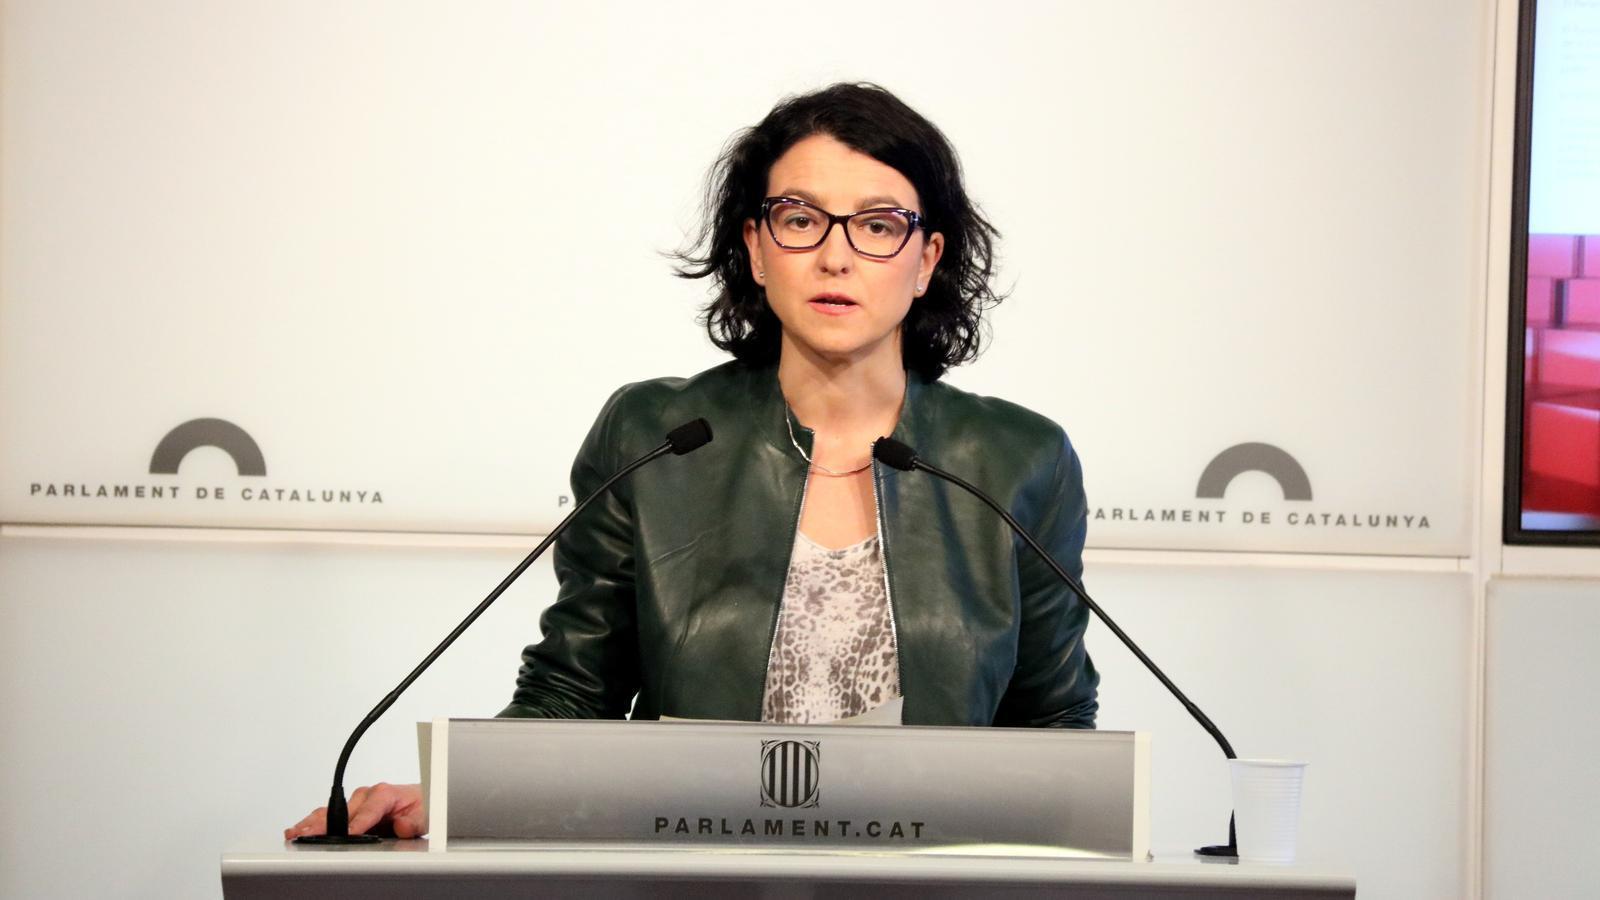 [PSC] Eva Granados: «Vamos a llegar al fondo del asunto, tanto parlamentaria como judicialmente» Portaveu-PSC-Parlament-Eva-Granados_1949215246_51836459_1500x1000